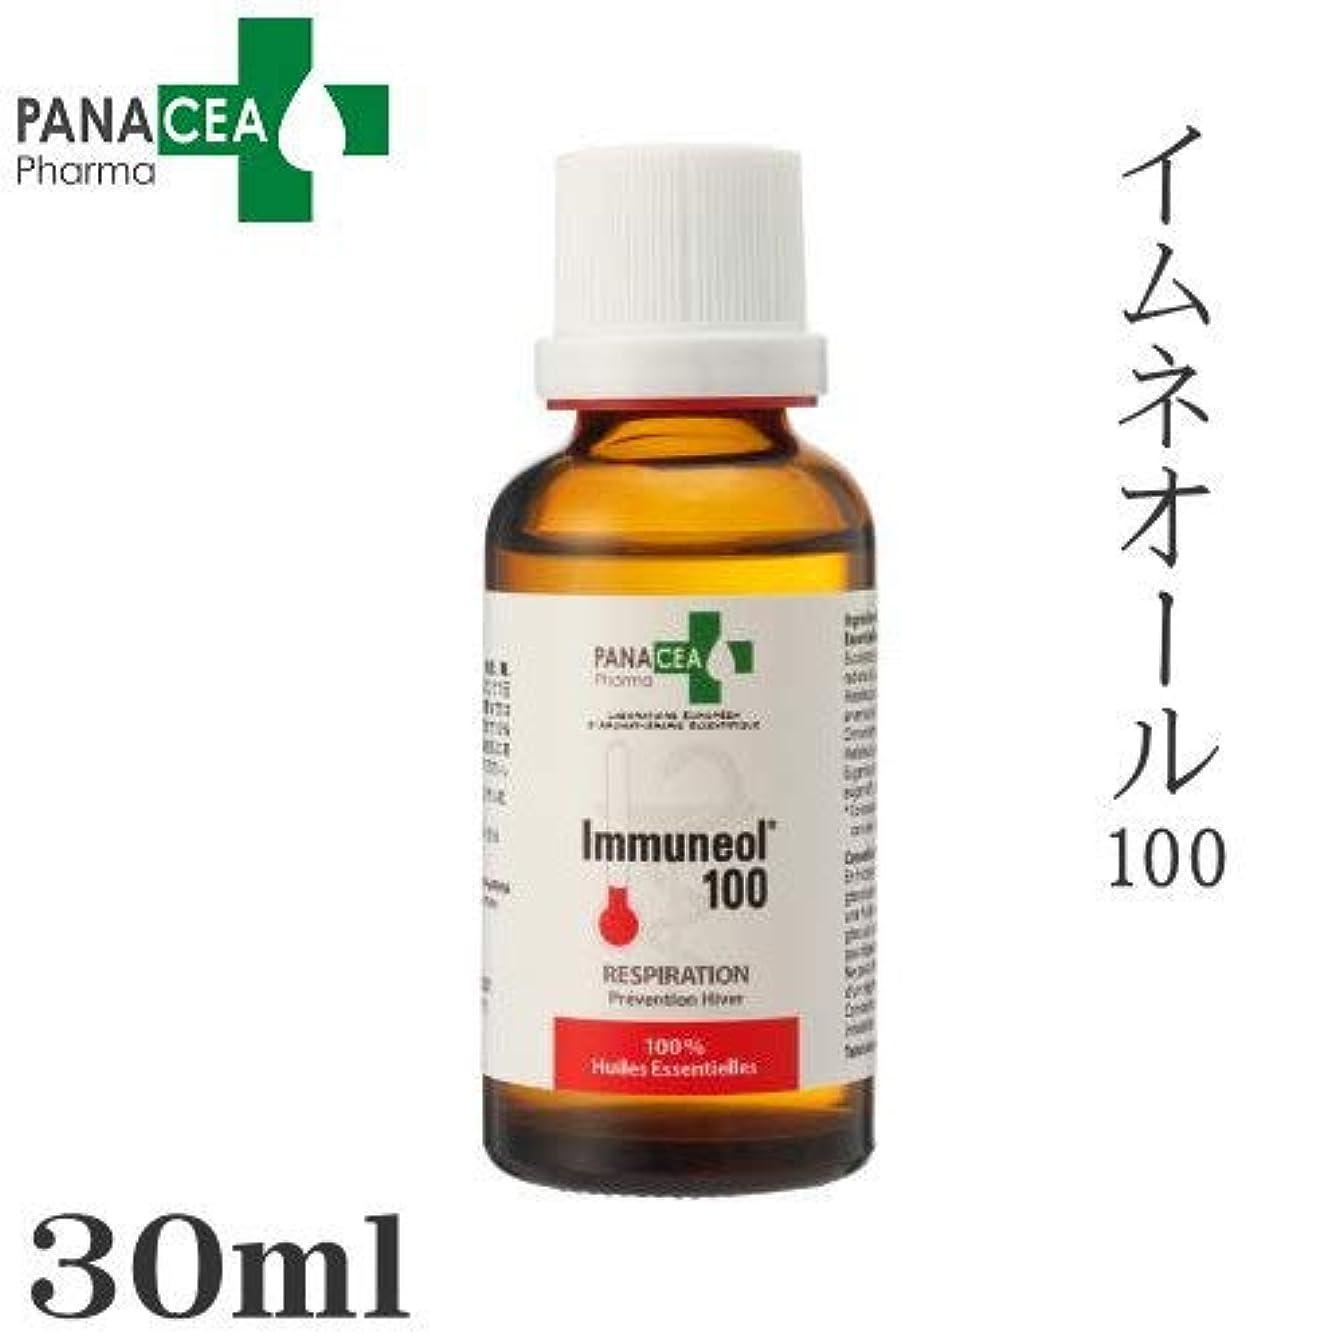 果てしない疫病ユニークなPANACEA PHARMA パナセア ファルマ イムネオール100 正規品